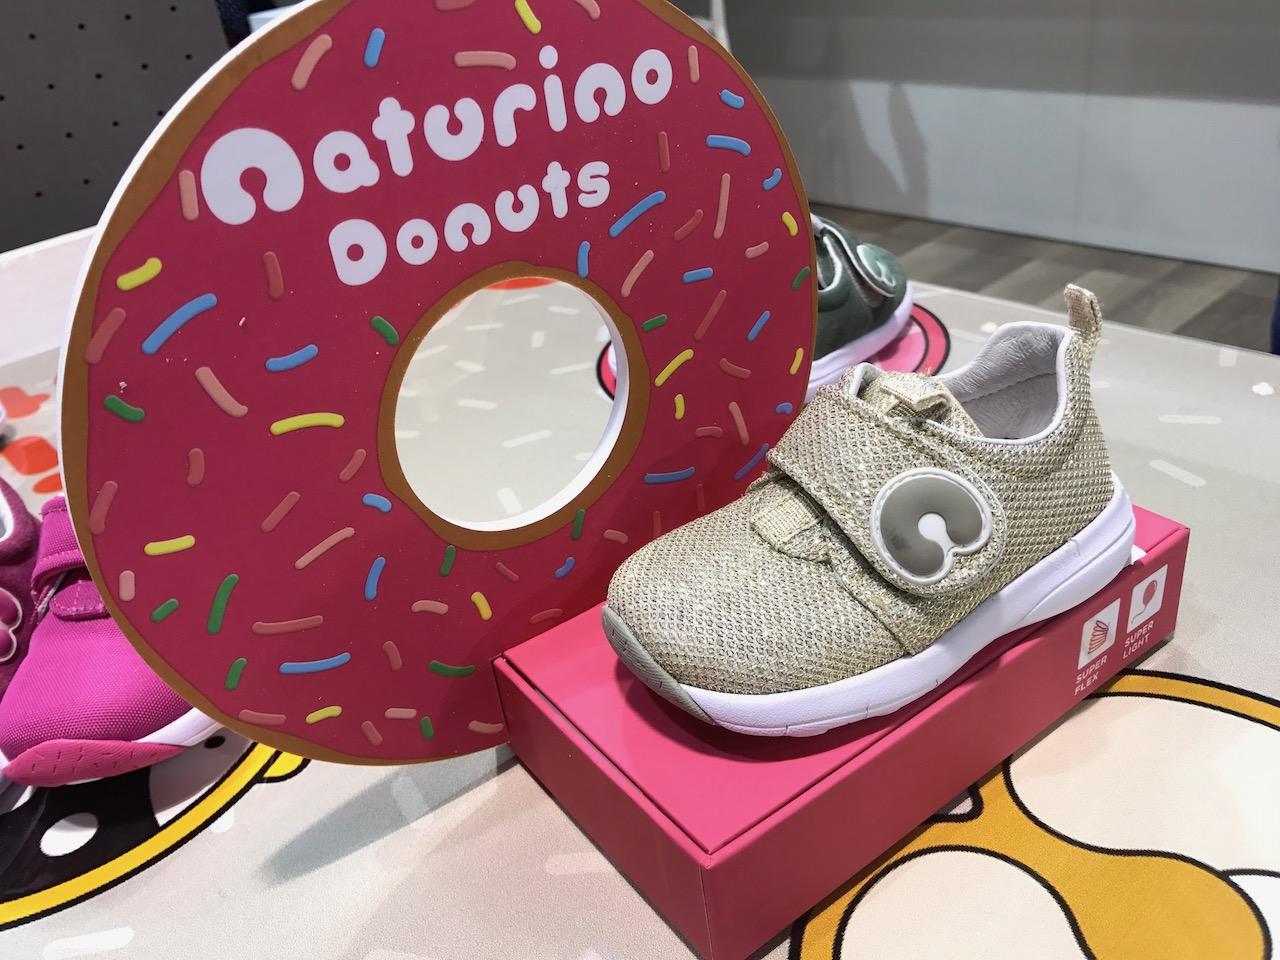 Naturino Donuts